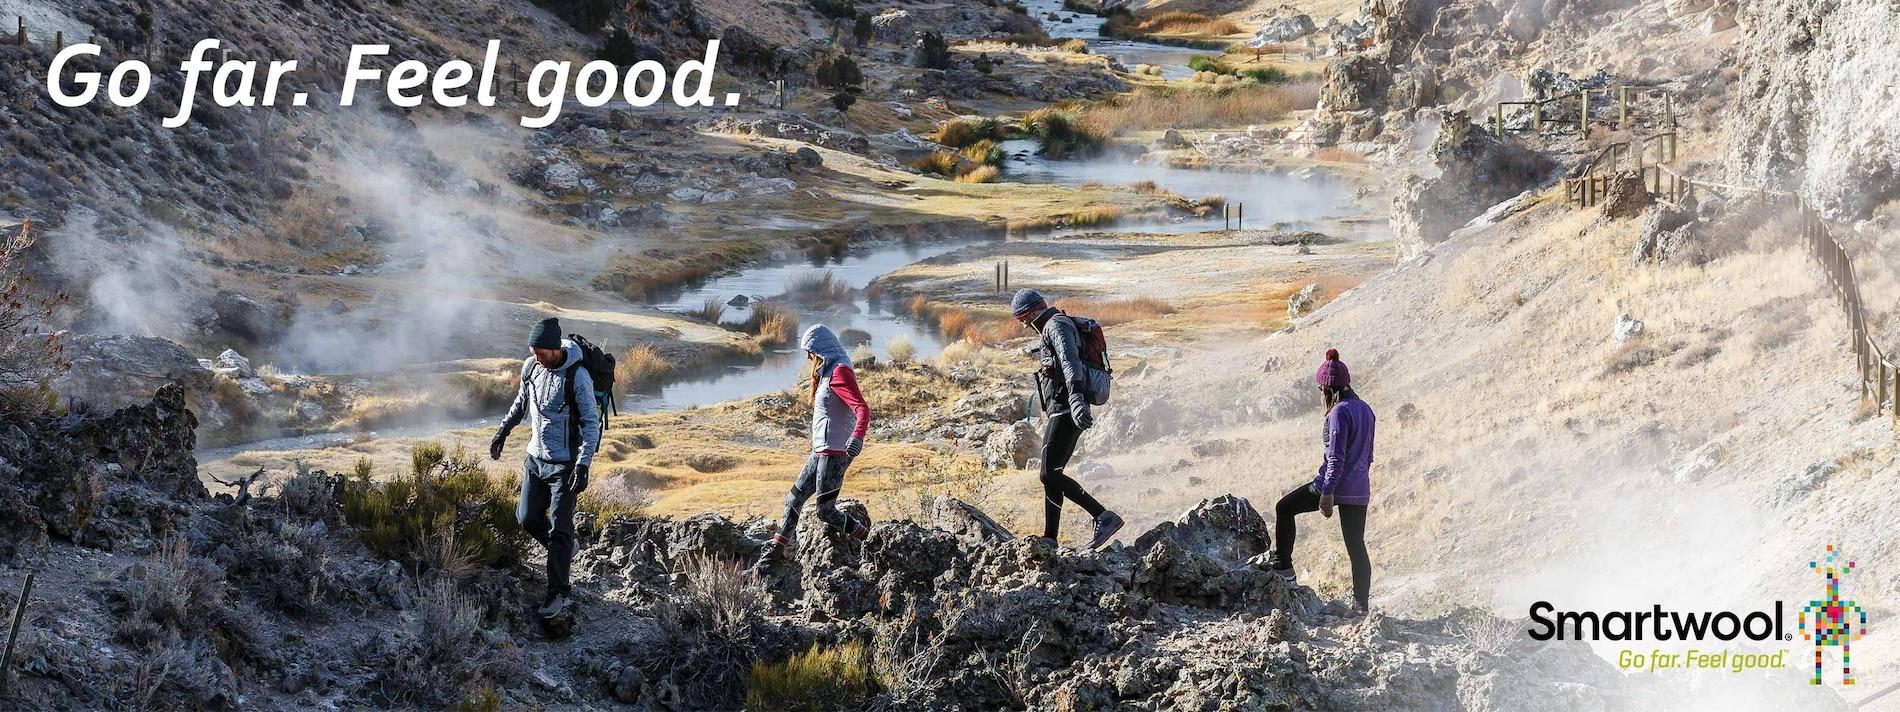 Go far. Feel Good. Shop Smartwool